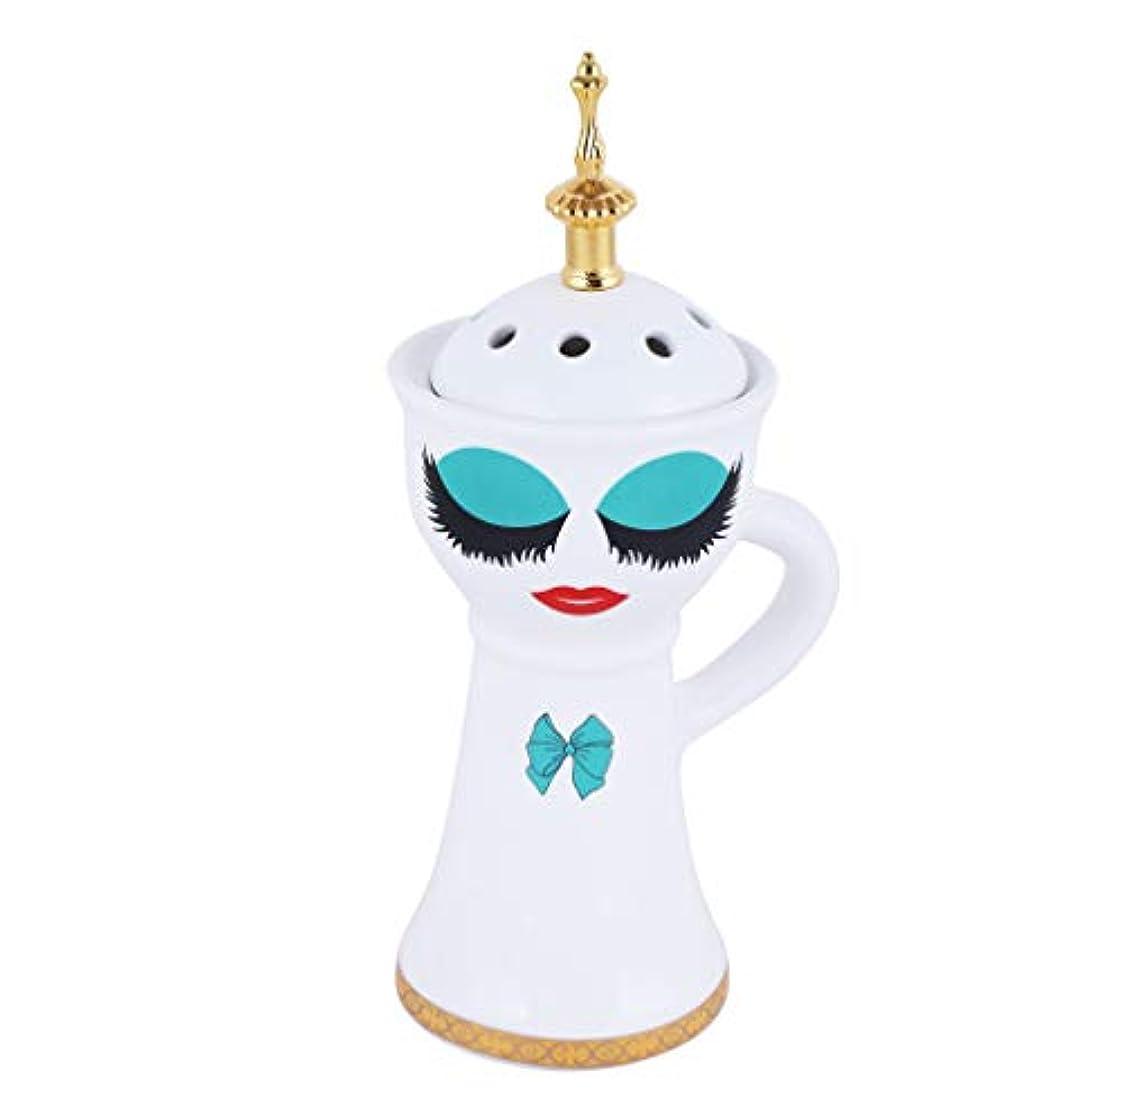 重要なに持つBeautiful Ceramic Incense Bakhoor/Oud Burner Frankincense Incense Holder with Attractive Eyes, Non Electric, Best...